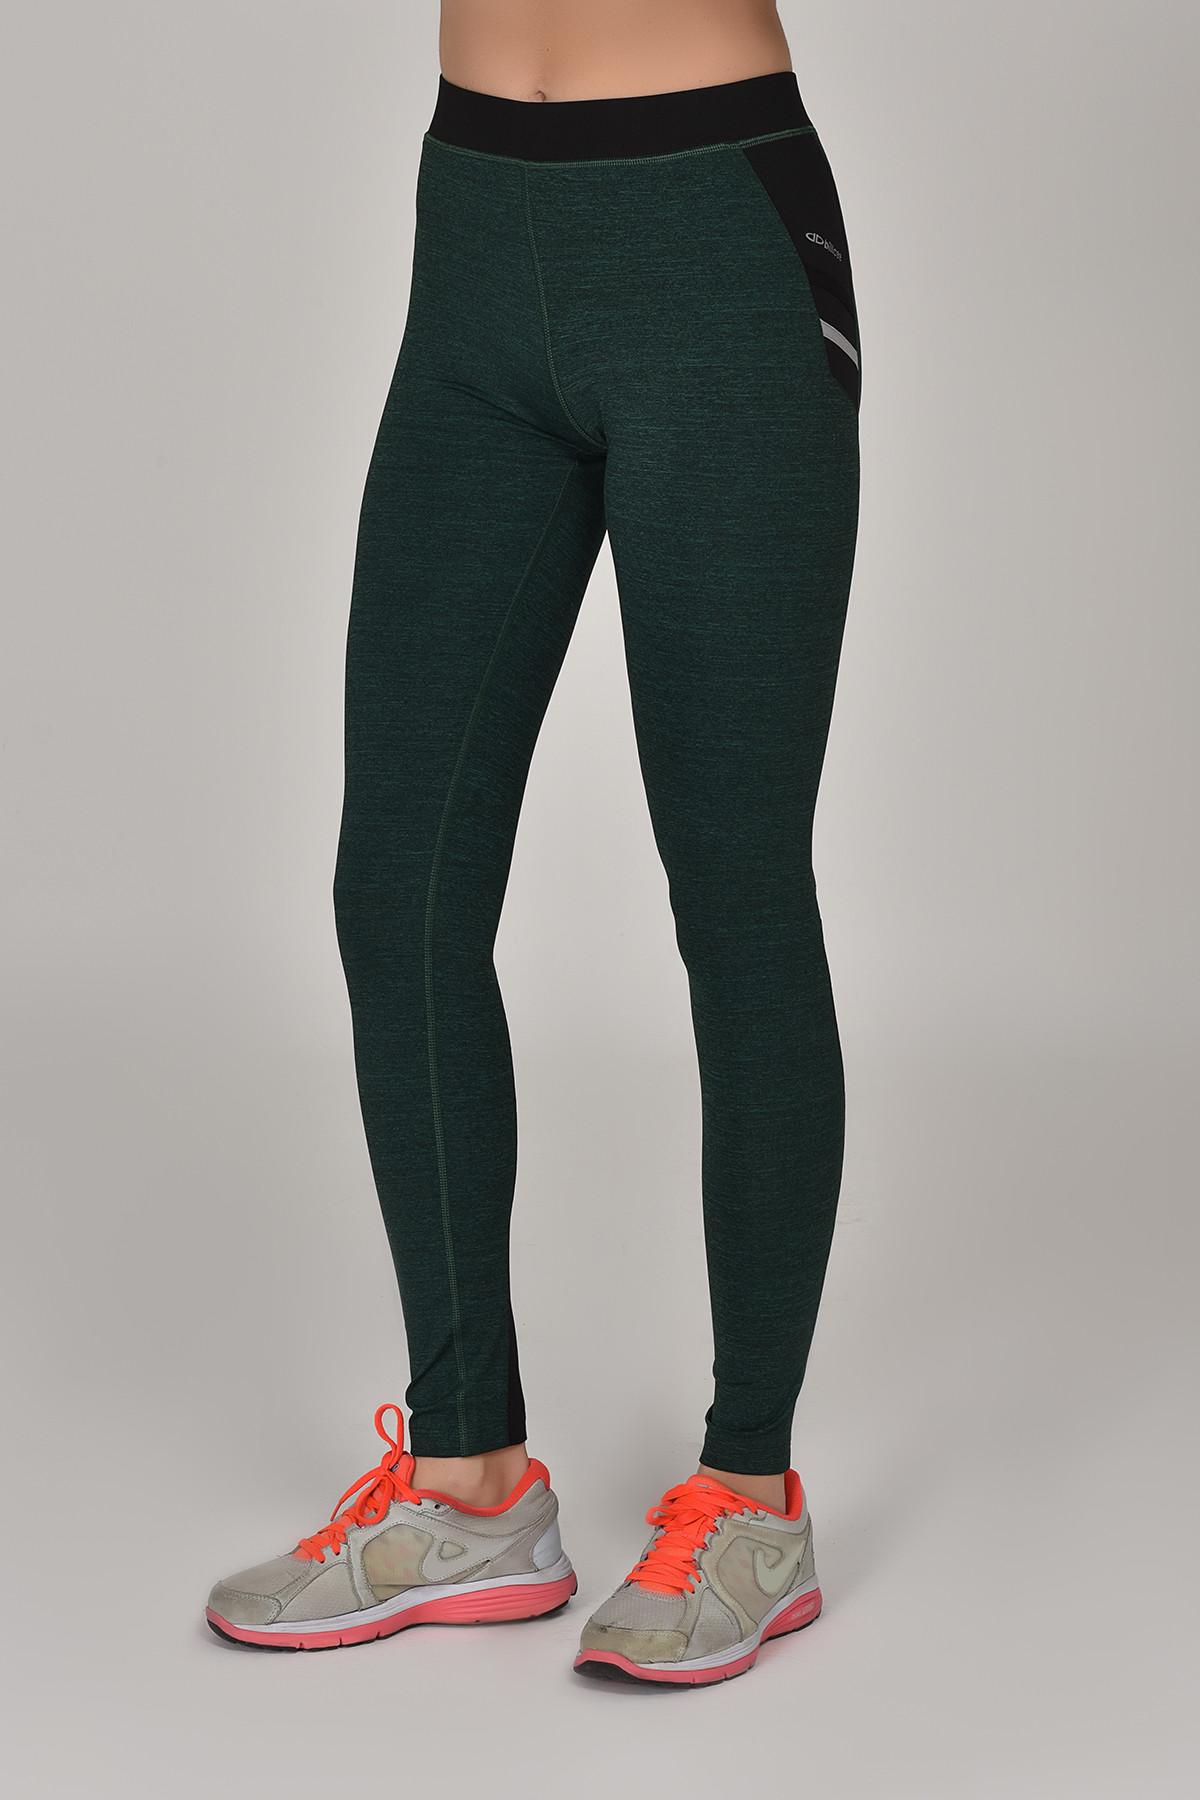 Bilcee Yeşil Toparlayıcı Kadın Sporcu Tayt AW-6570 BİLCEE